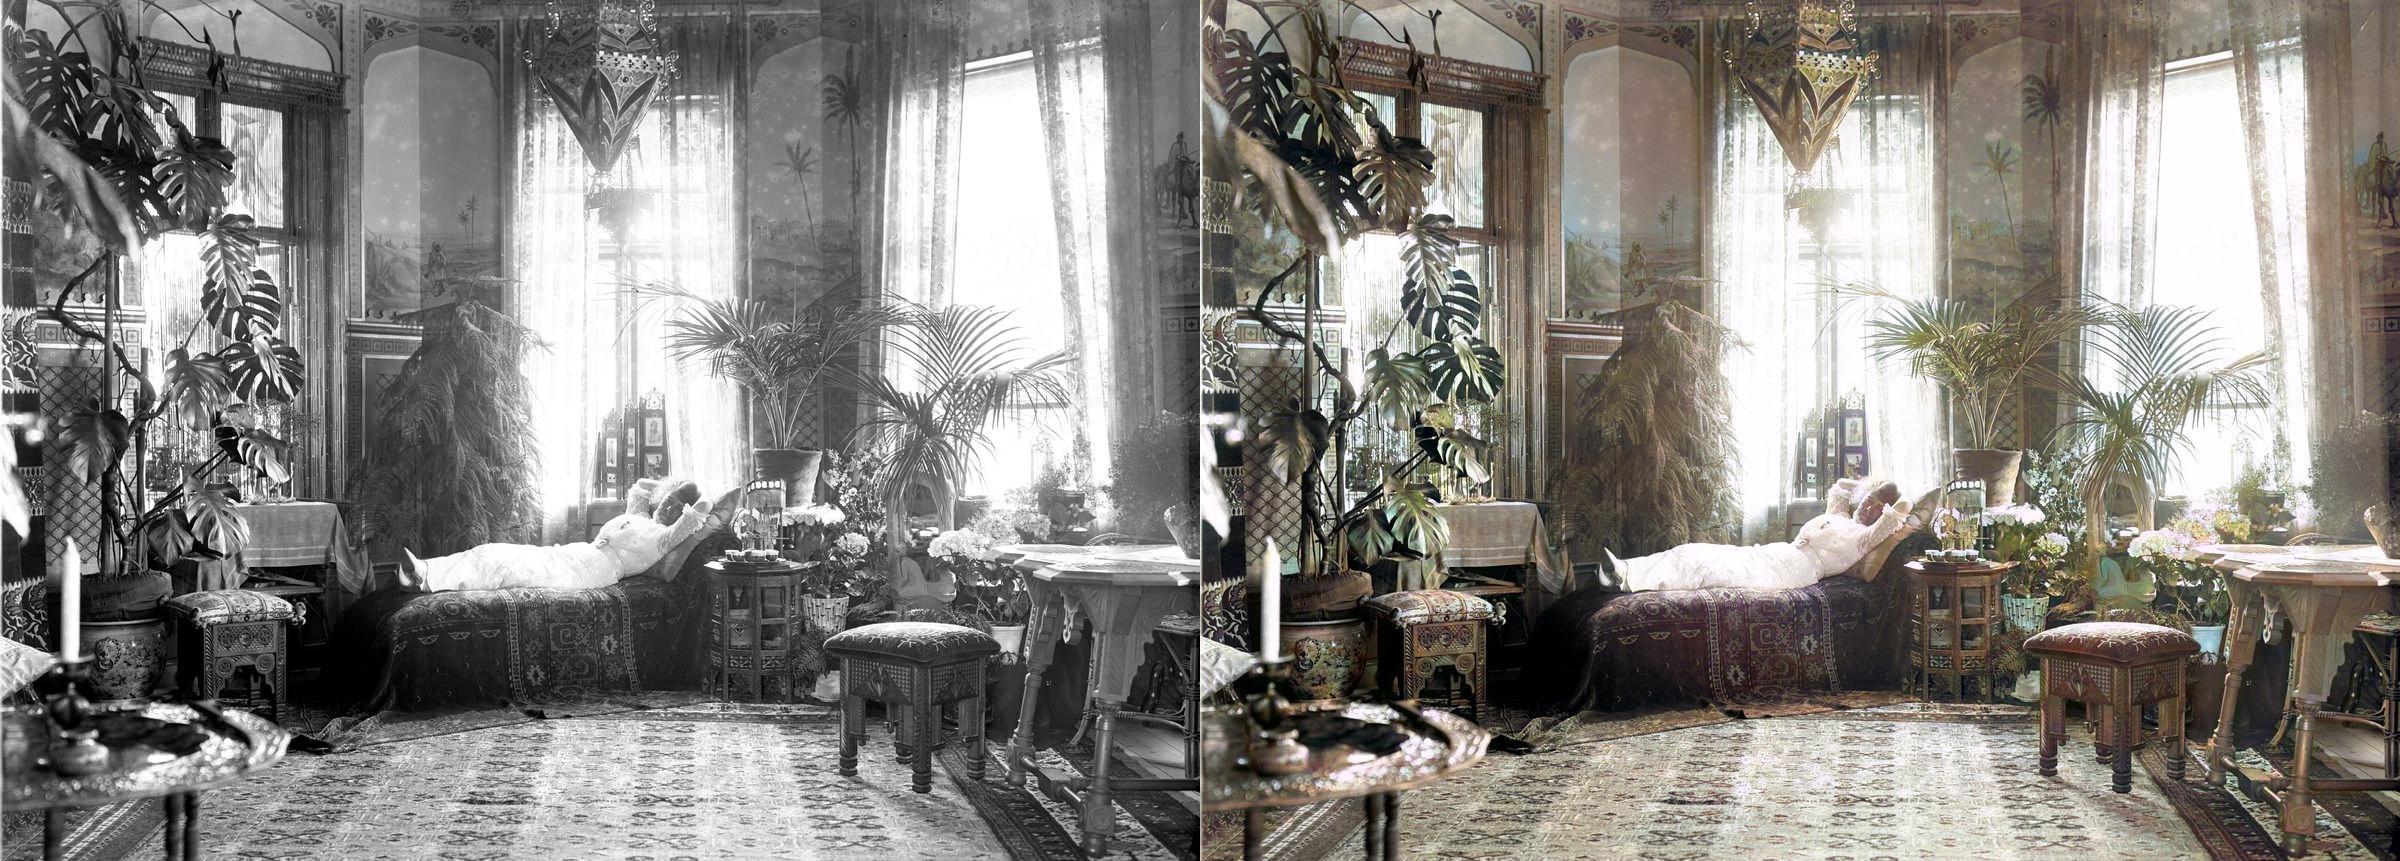 Sweden Living Room